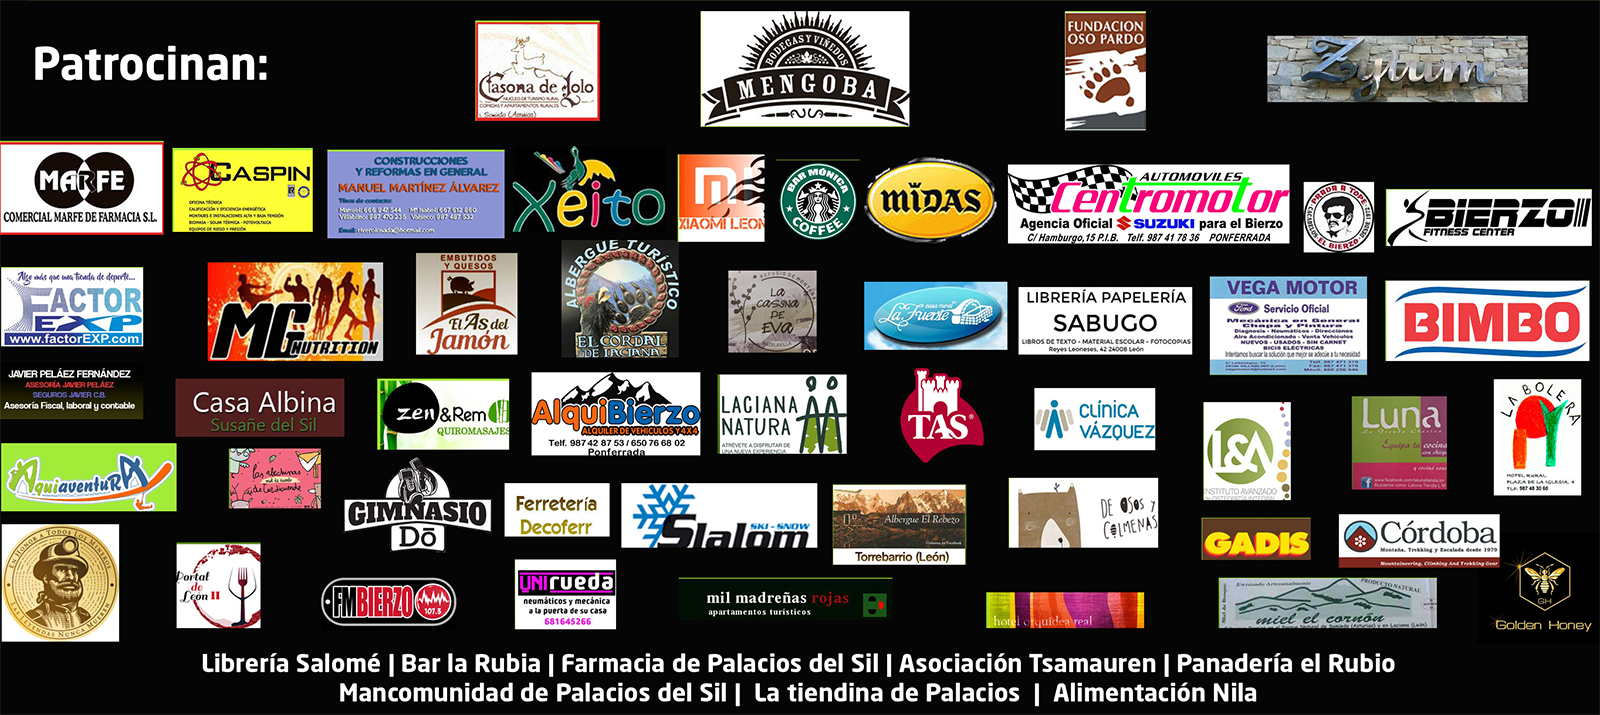 patrocinadores_cueto_oso2019